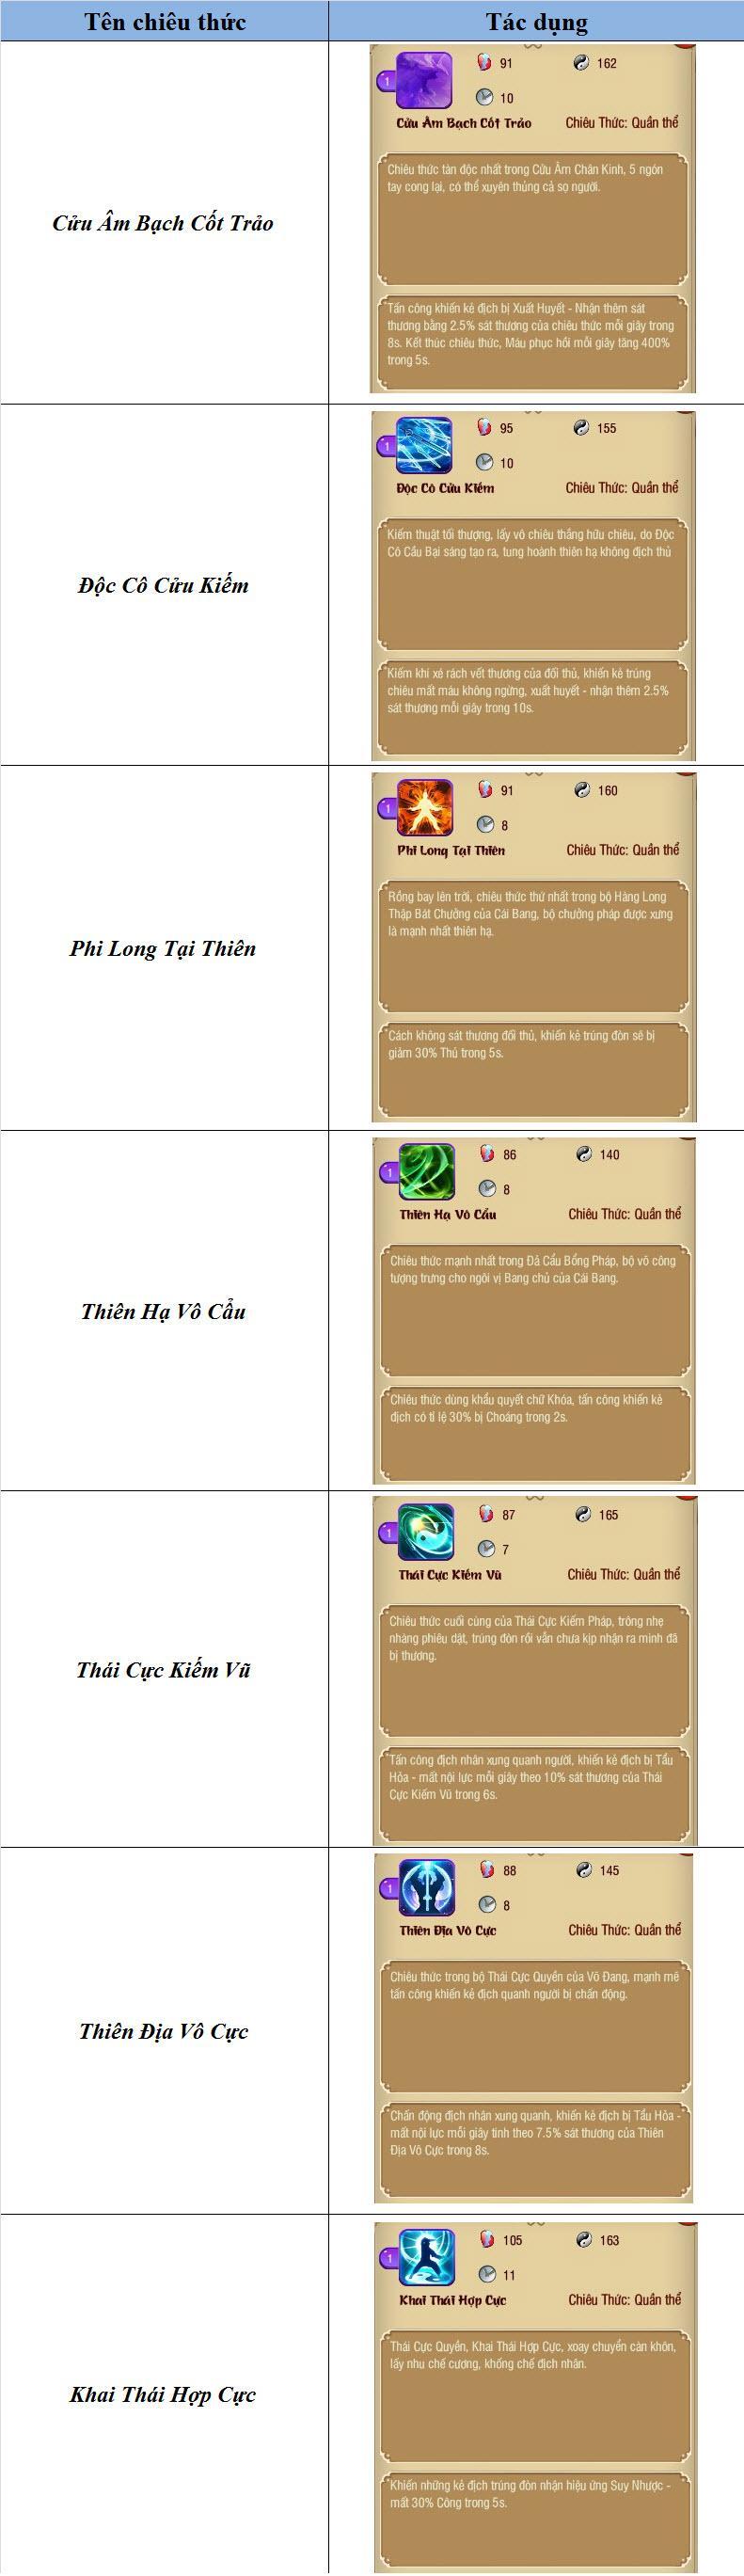 Giới Thiệu Chiêu Thức Trong Mộng Võ Lâm - Phần 2 - 2